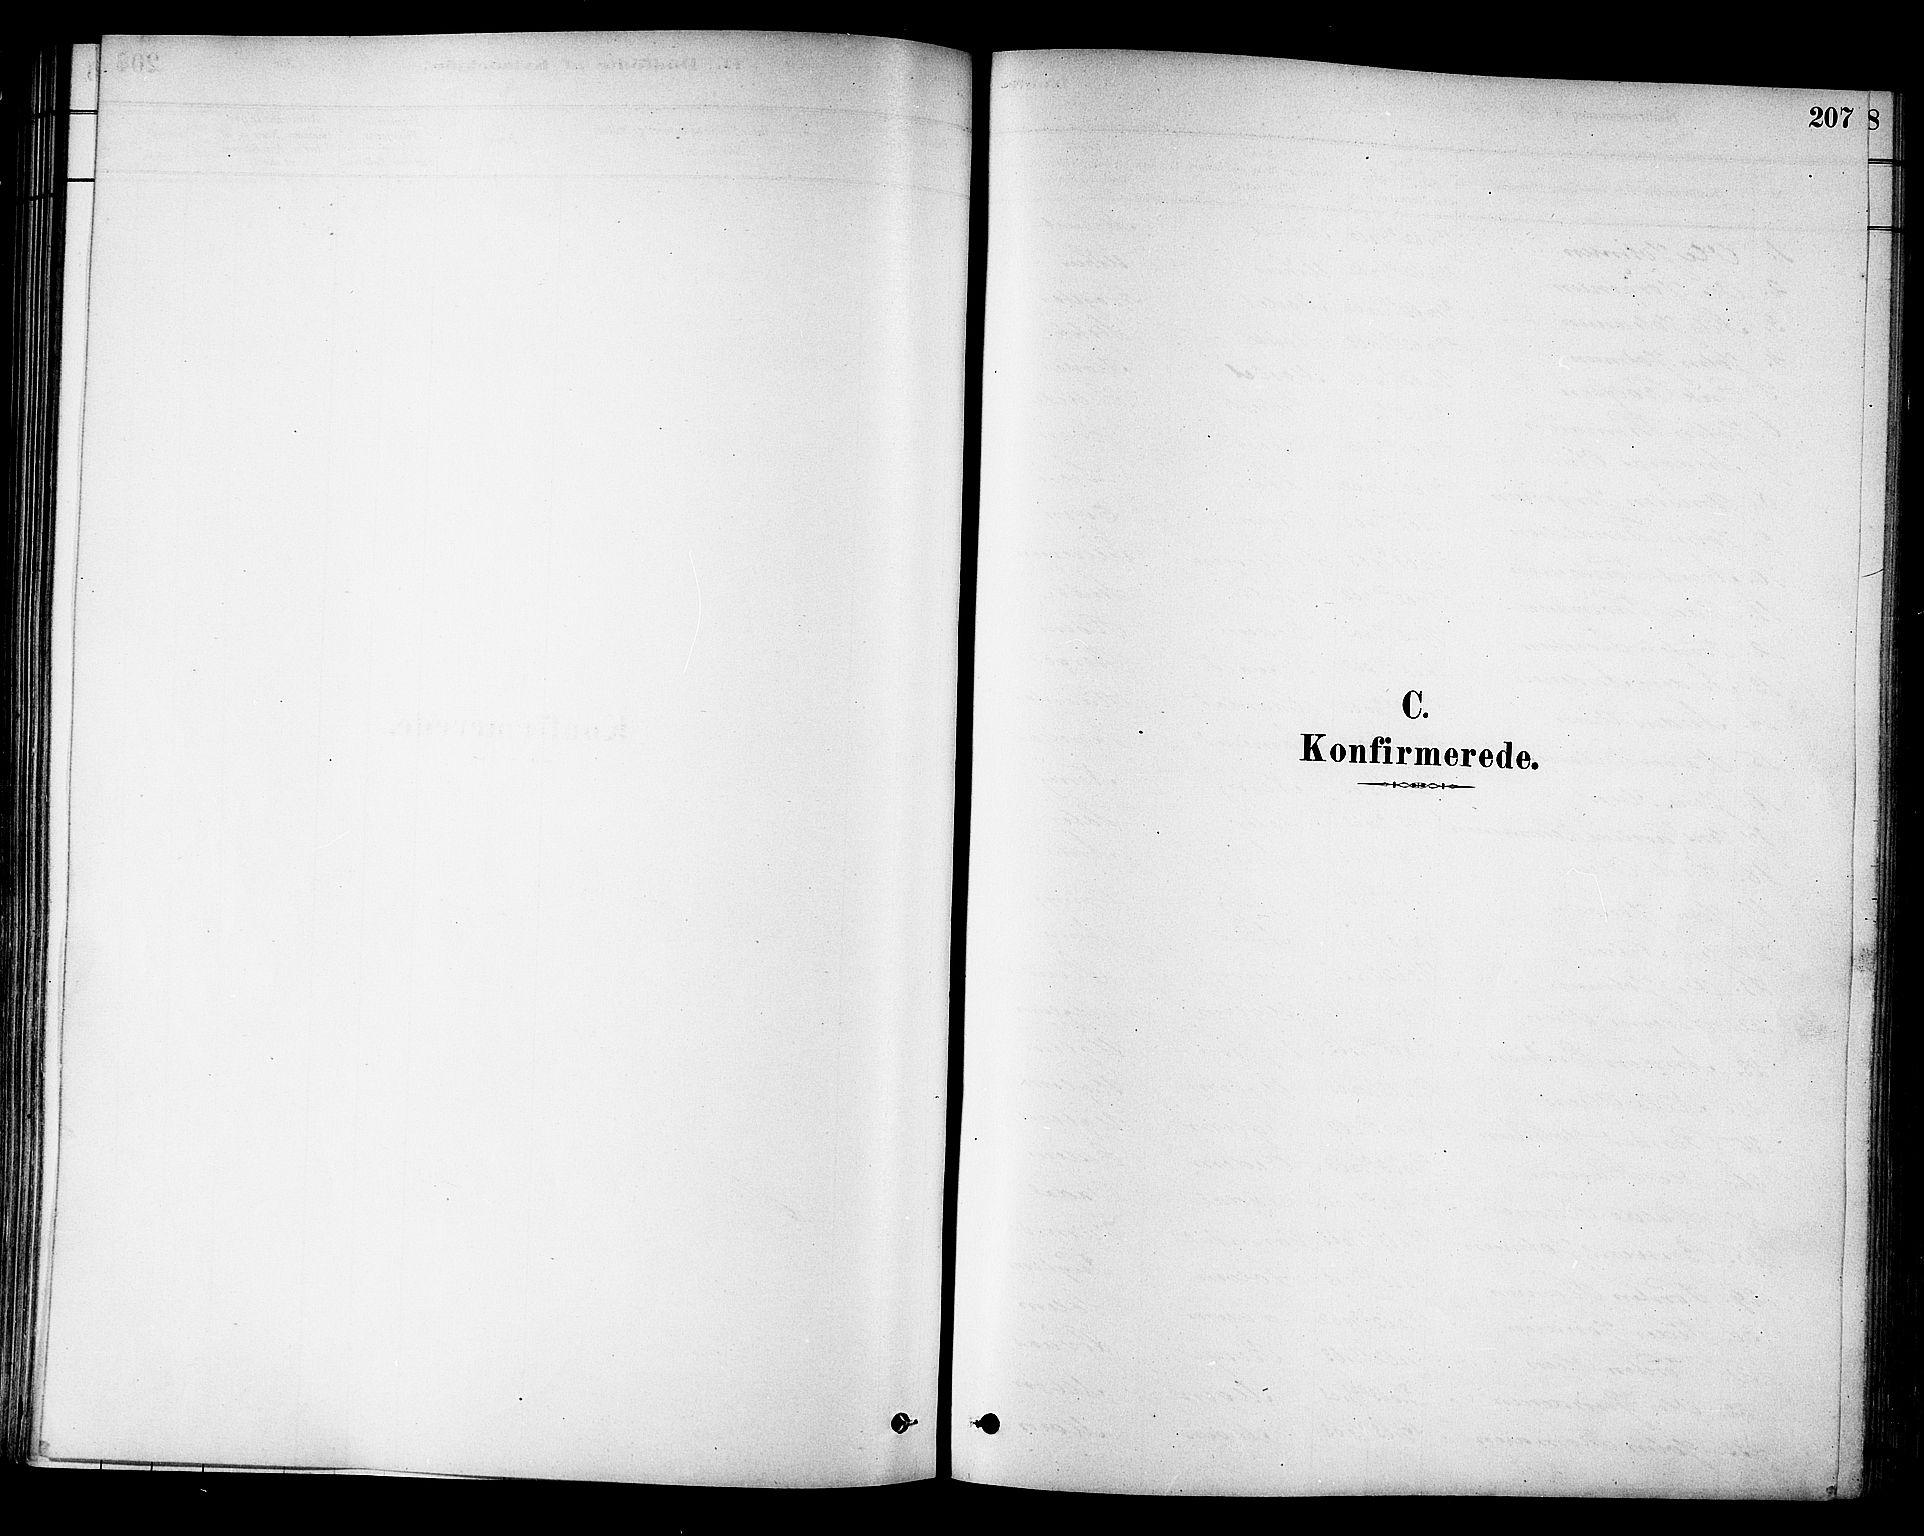 SAT, Ministerialprotokoller, klokkerbøker og fødselsregistre - Sør-Trøndelag, 695/L1148: Ministerialbok nr. 695A08, 1878-1891, s. 207